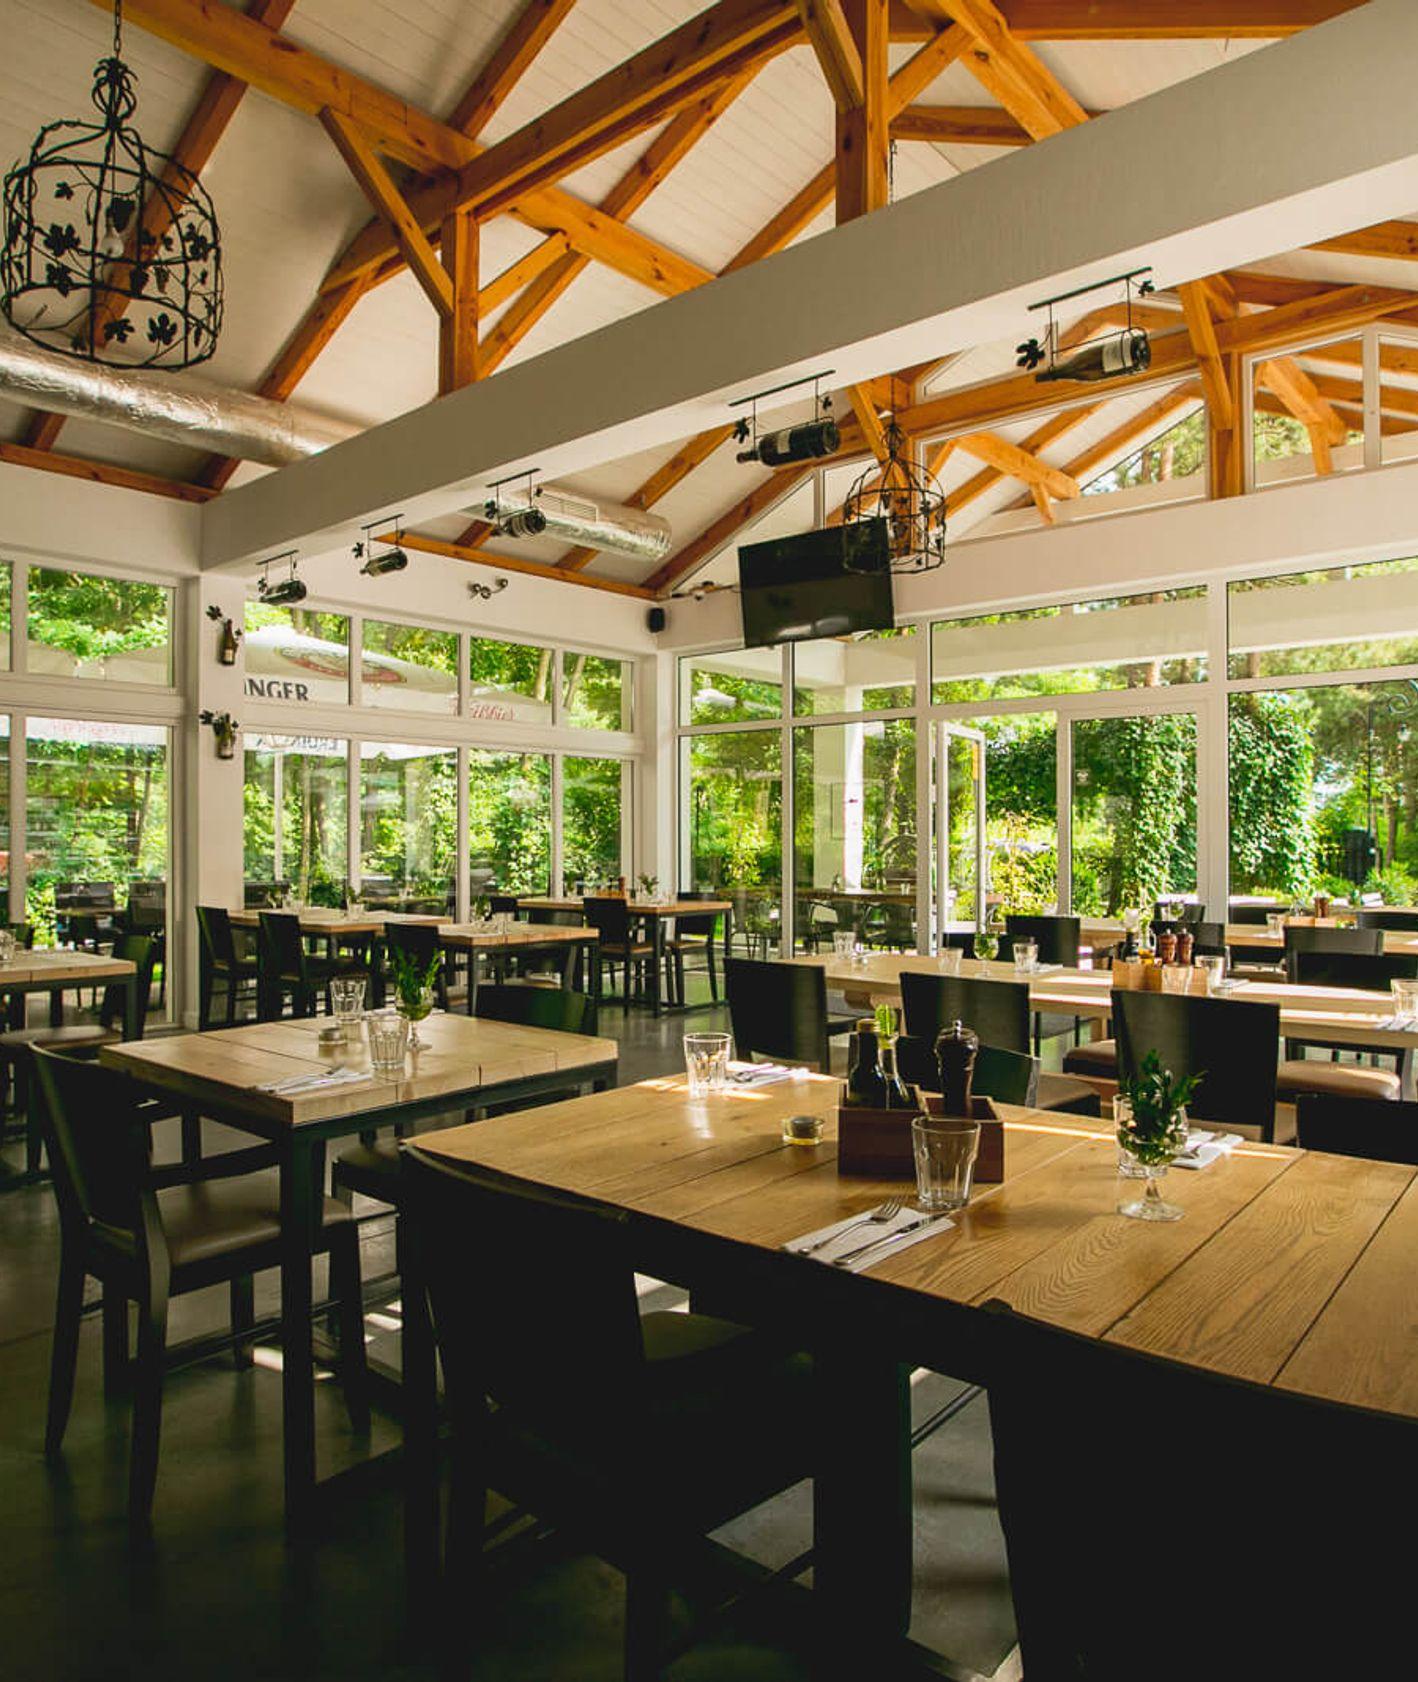 Sala wypełniona stołami, drewniany strop- elegancki wystrój restauracji Winny garaż.